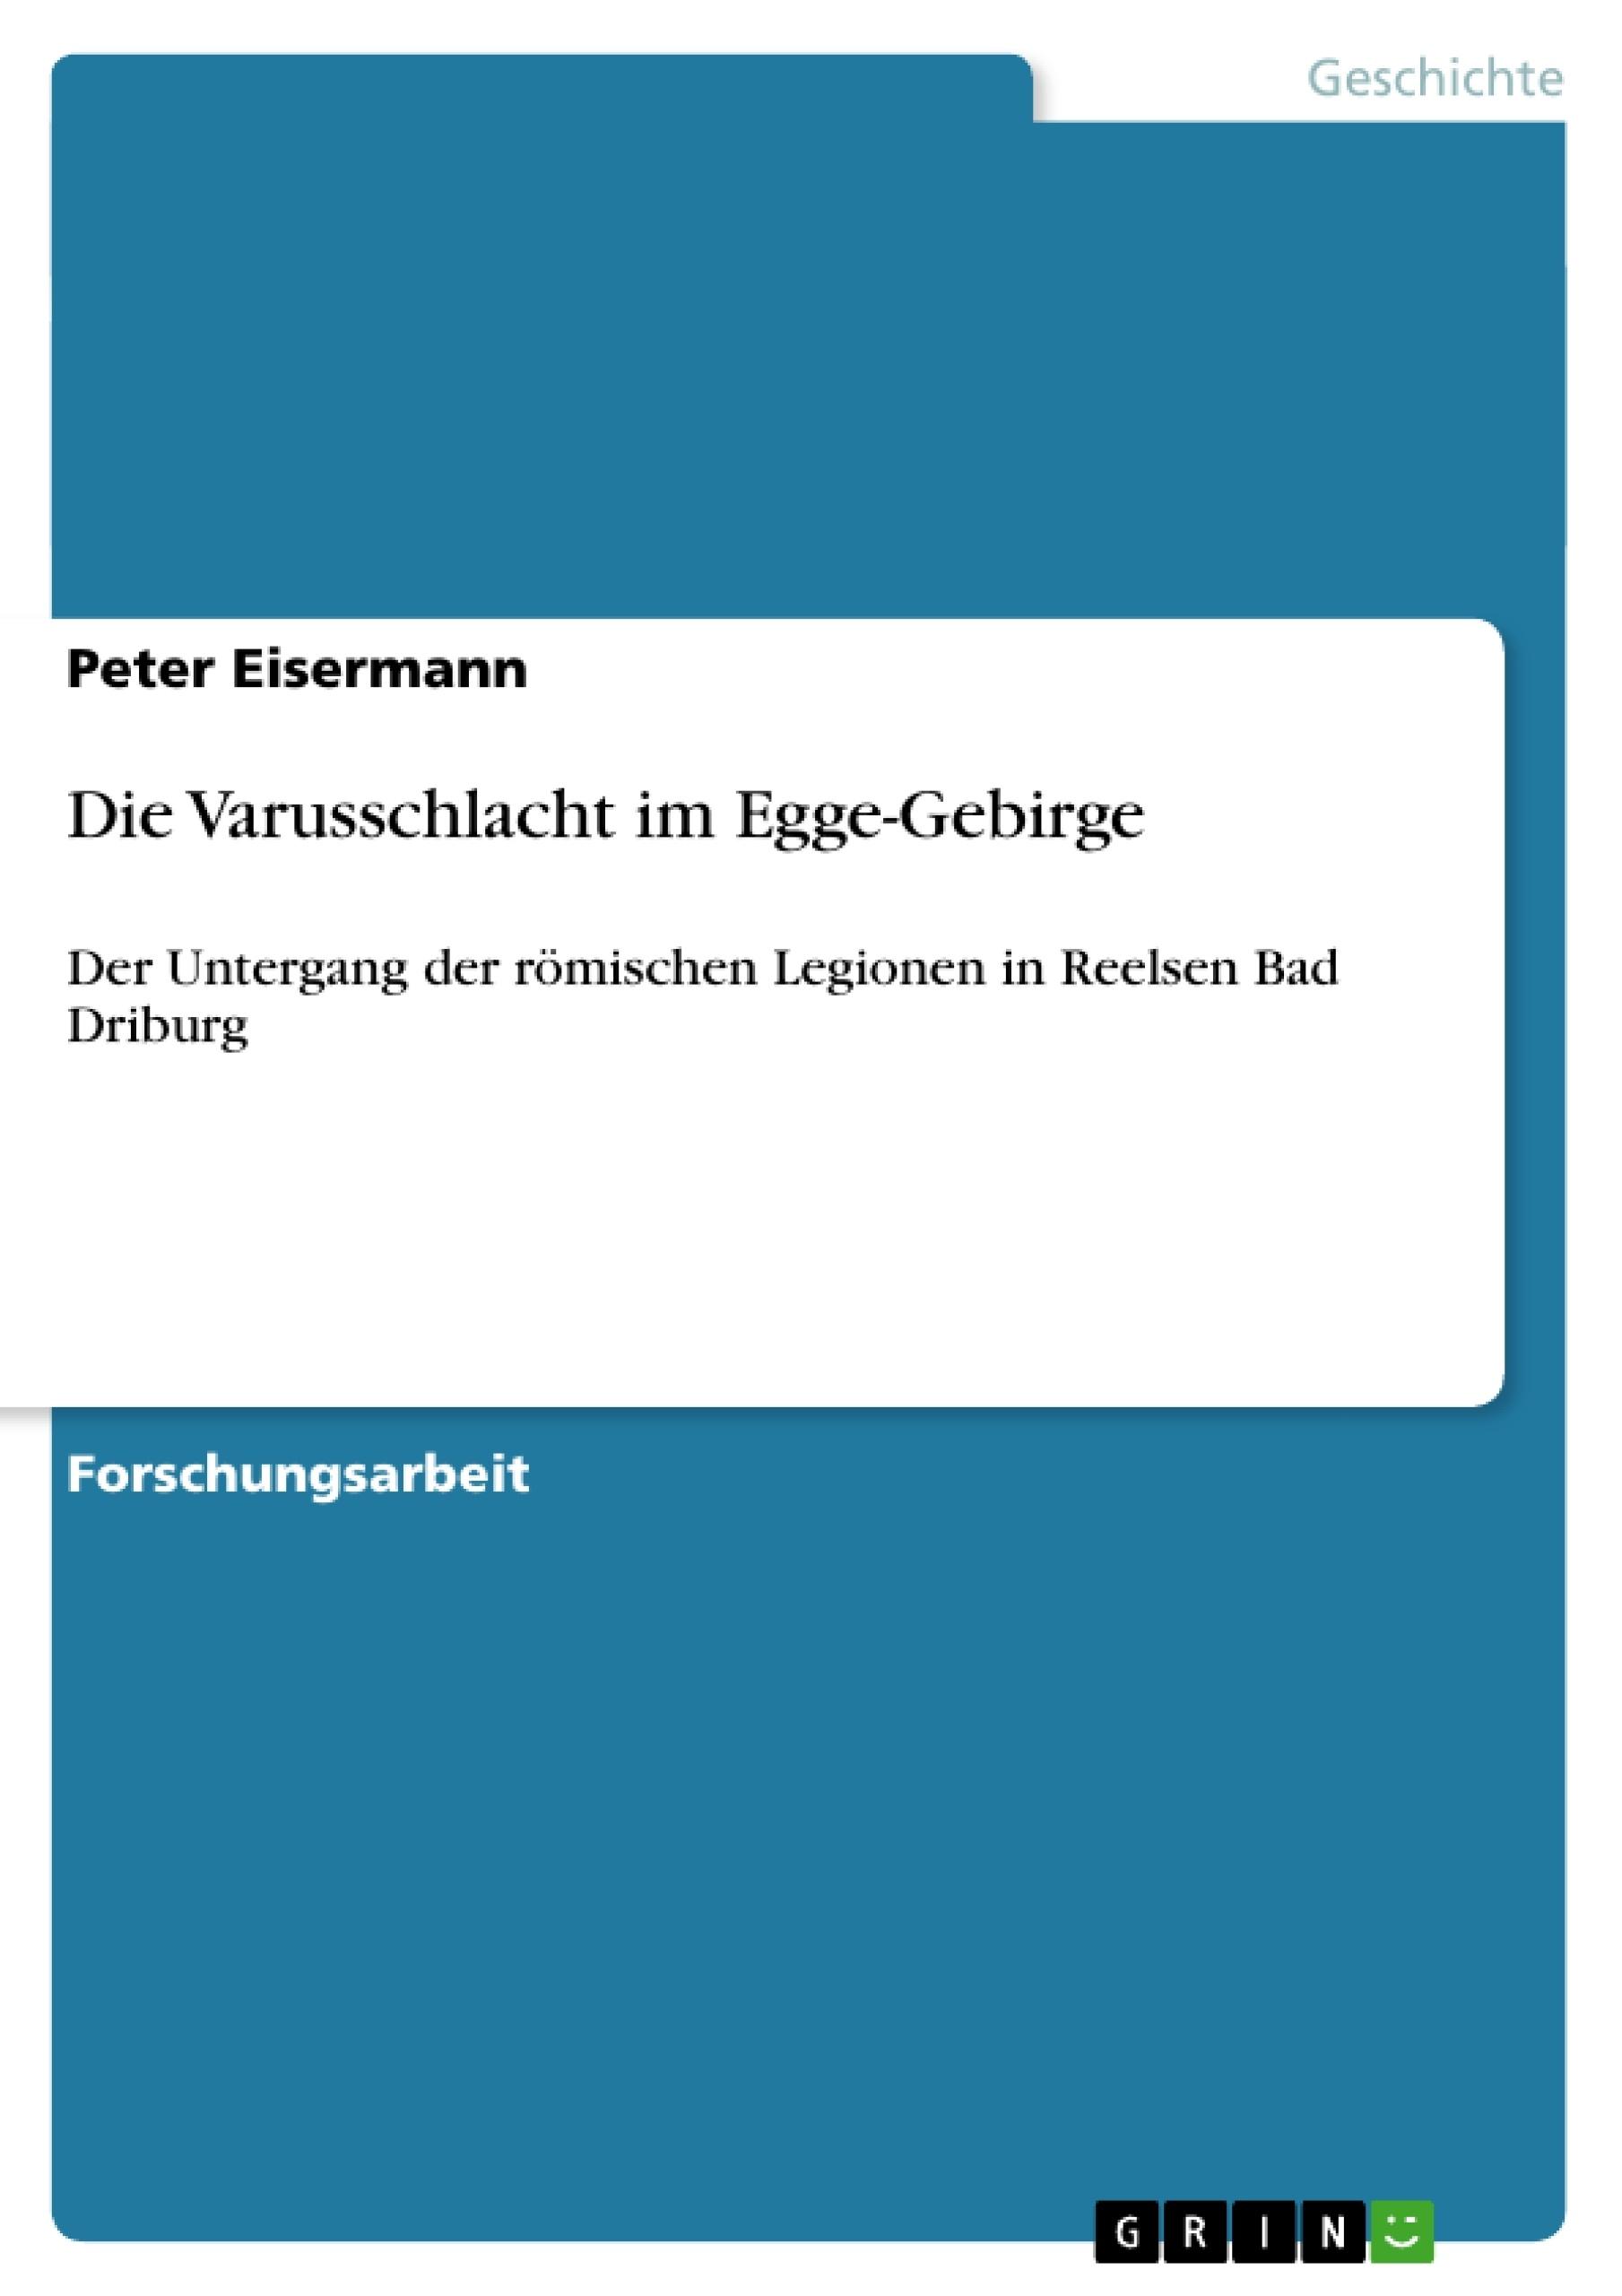 Titel: Die Varusschlacht im Egge-Gebirge